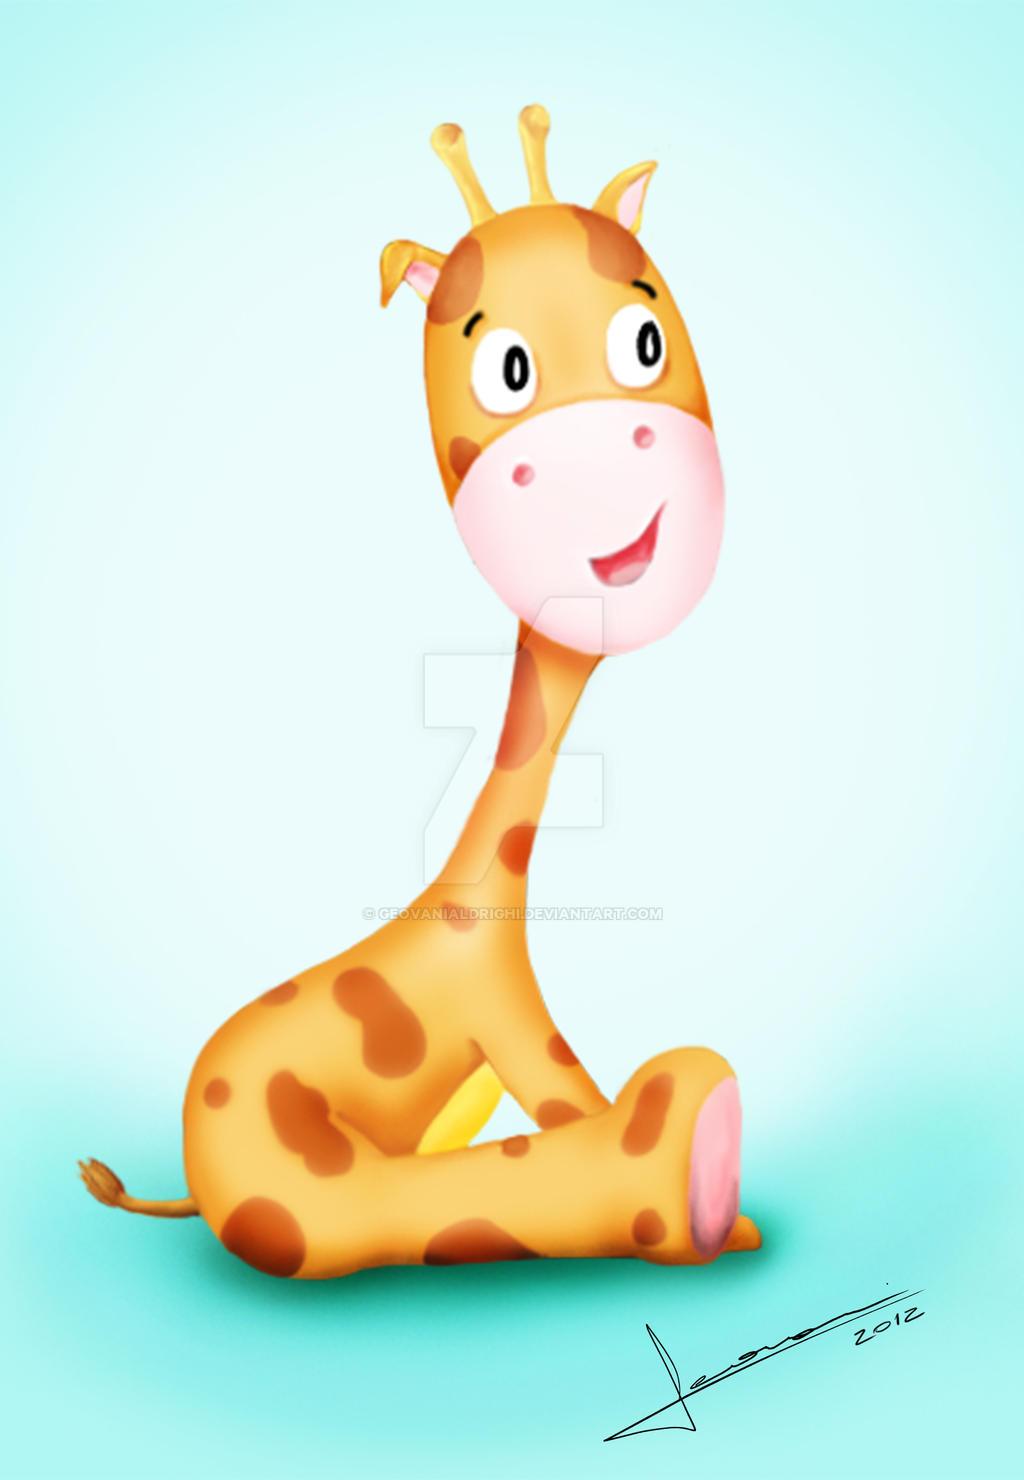 Cute Drawings of Giraffes Cute Giraffes Drawings